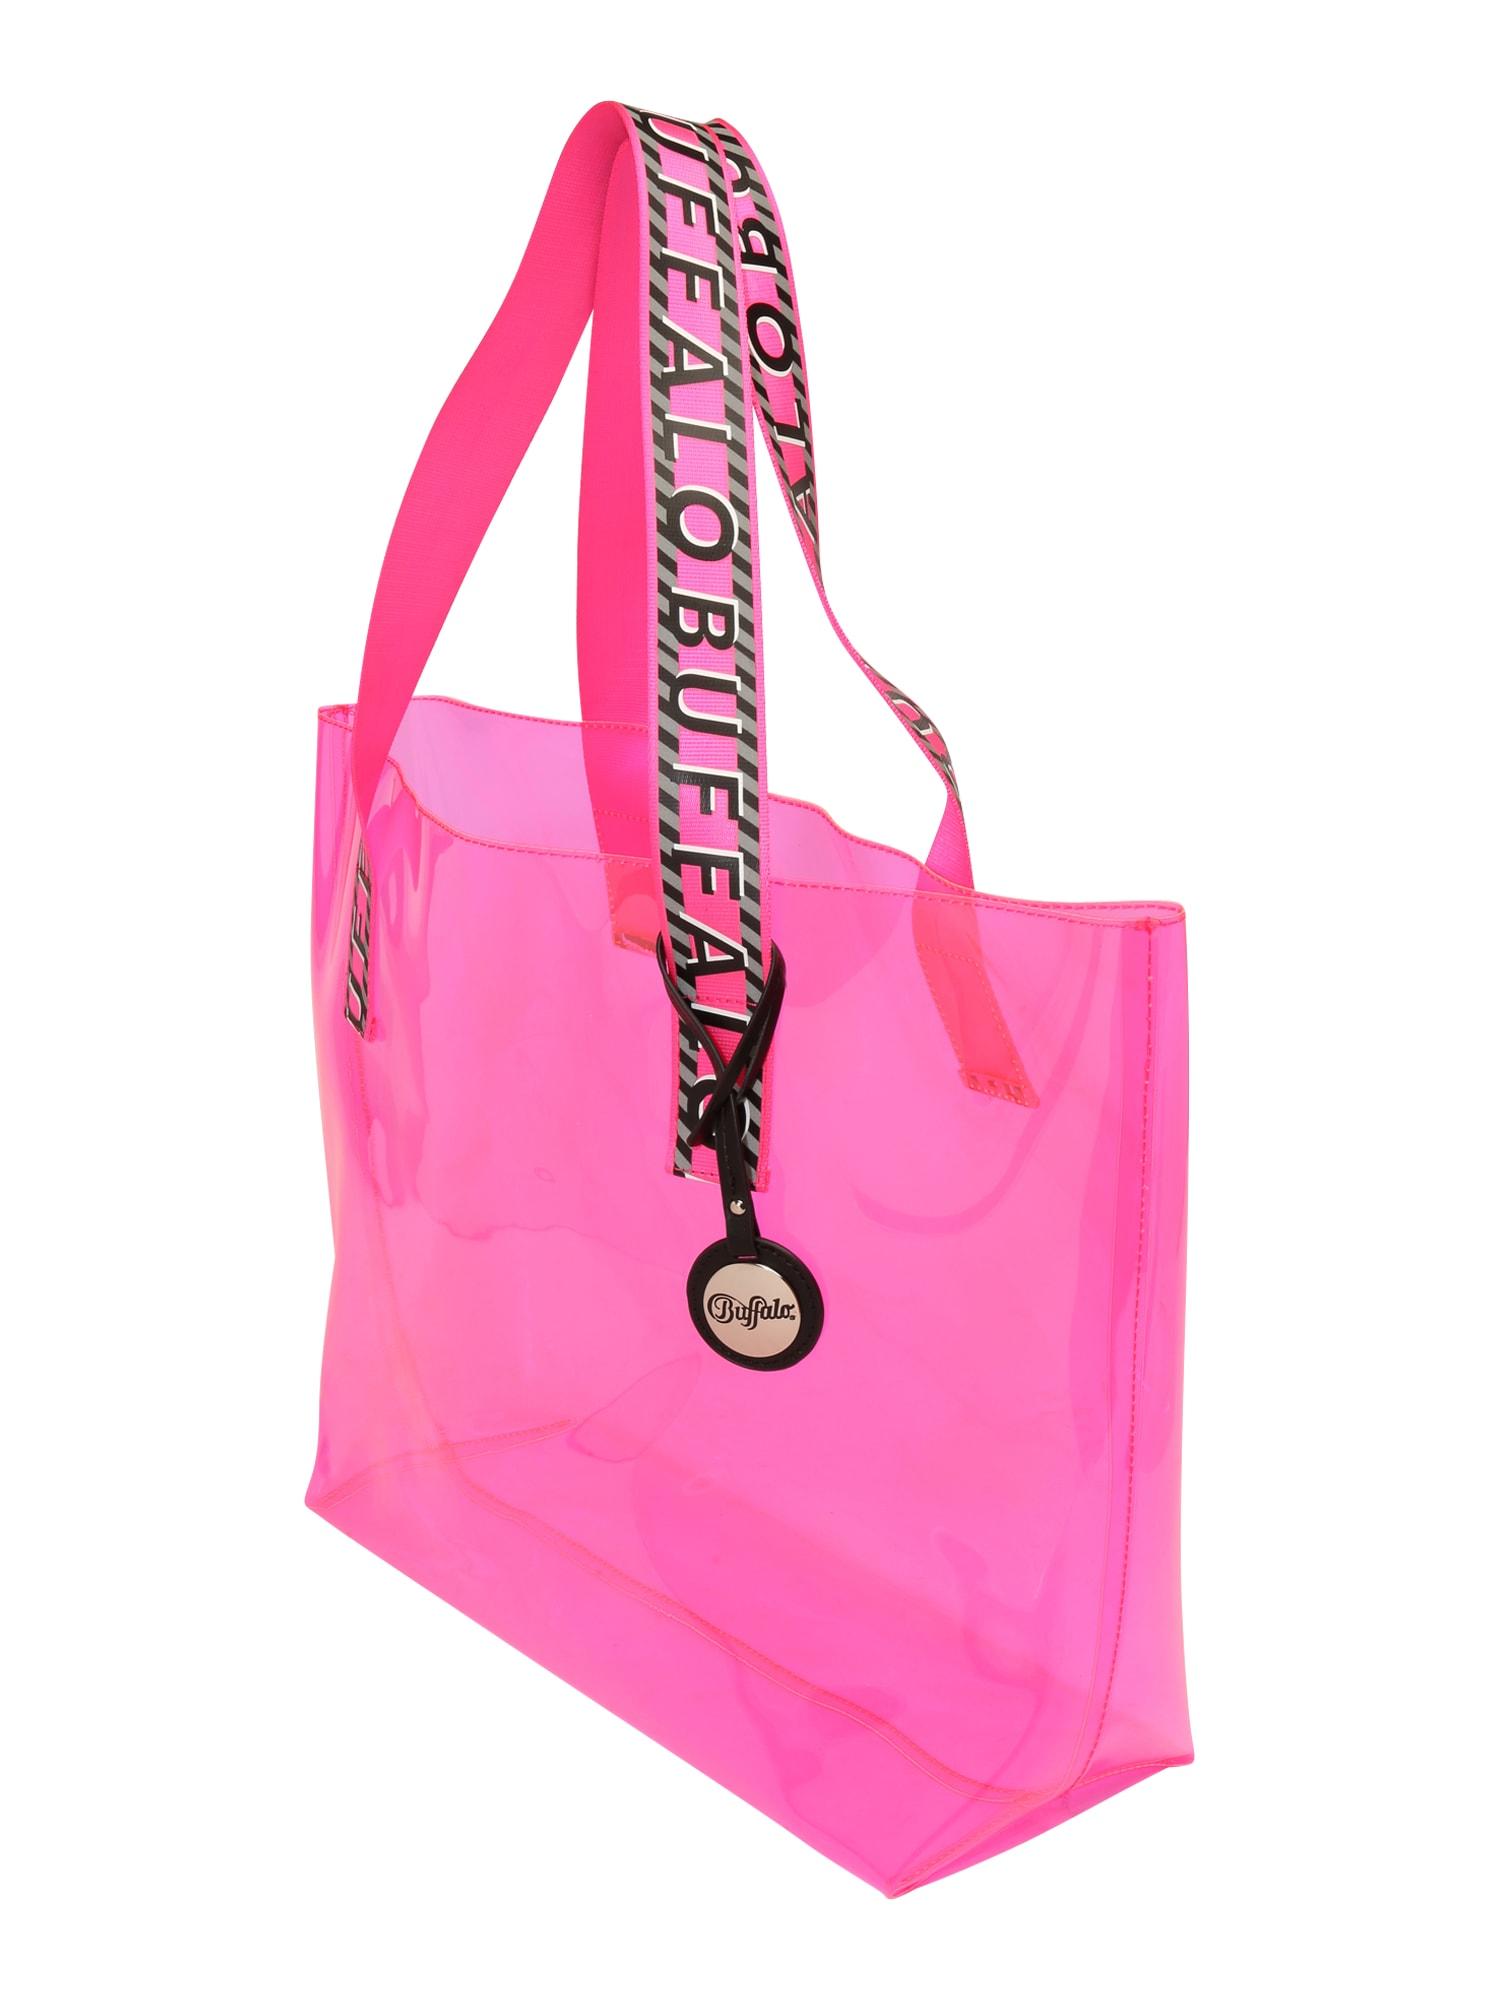 BUFFALO Pirkinių krepšys 'KORI' rožinė